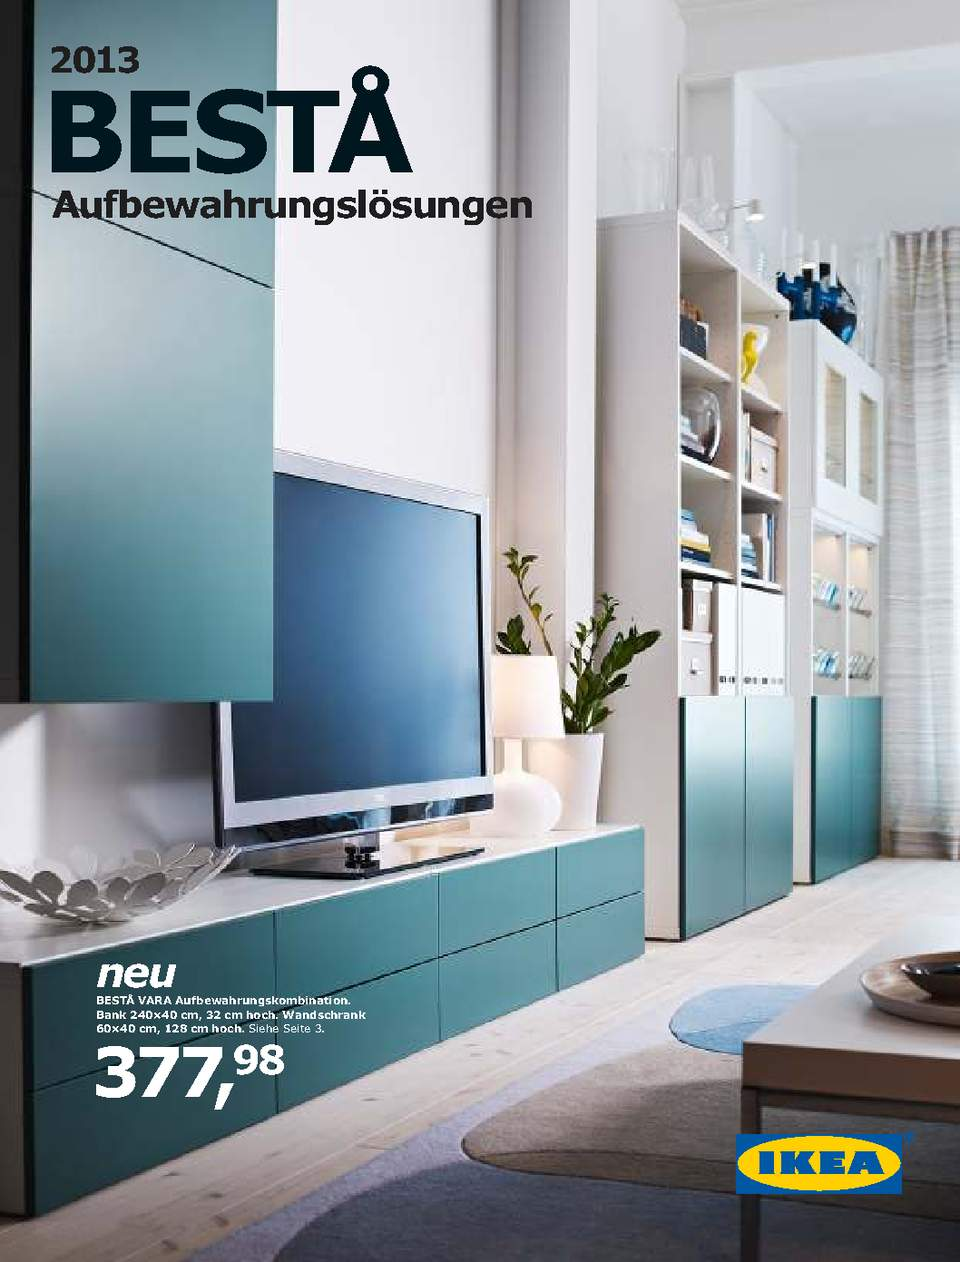 Full Size of Ikea Jugendzimmer Katalog Besta Aufbewahrung Seite No 1 13 Küche Kaufen Betten 160x200 Bett Miniküche Bei Sofa Mit Schlaffunktion Modulküche Kosten Wohnzimmer Ikea Jugendzimmer